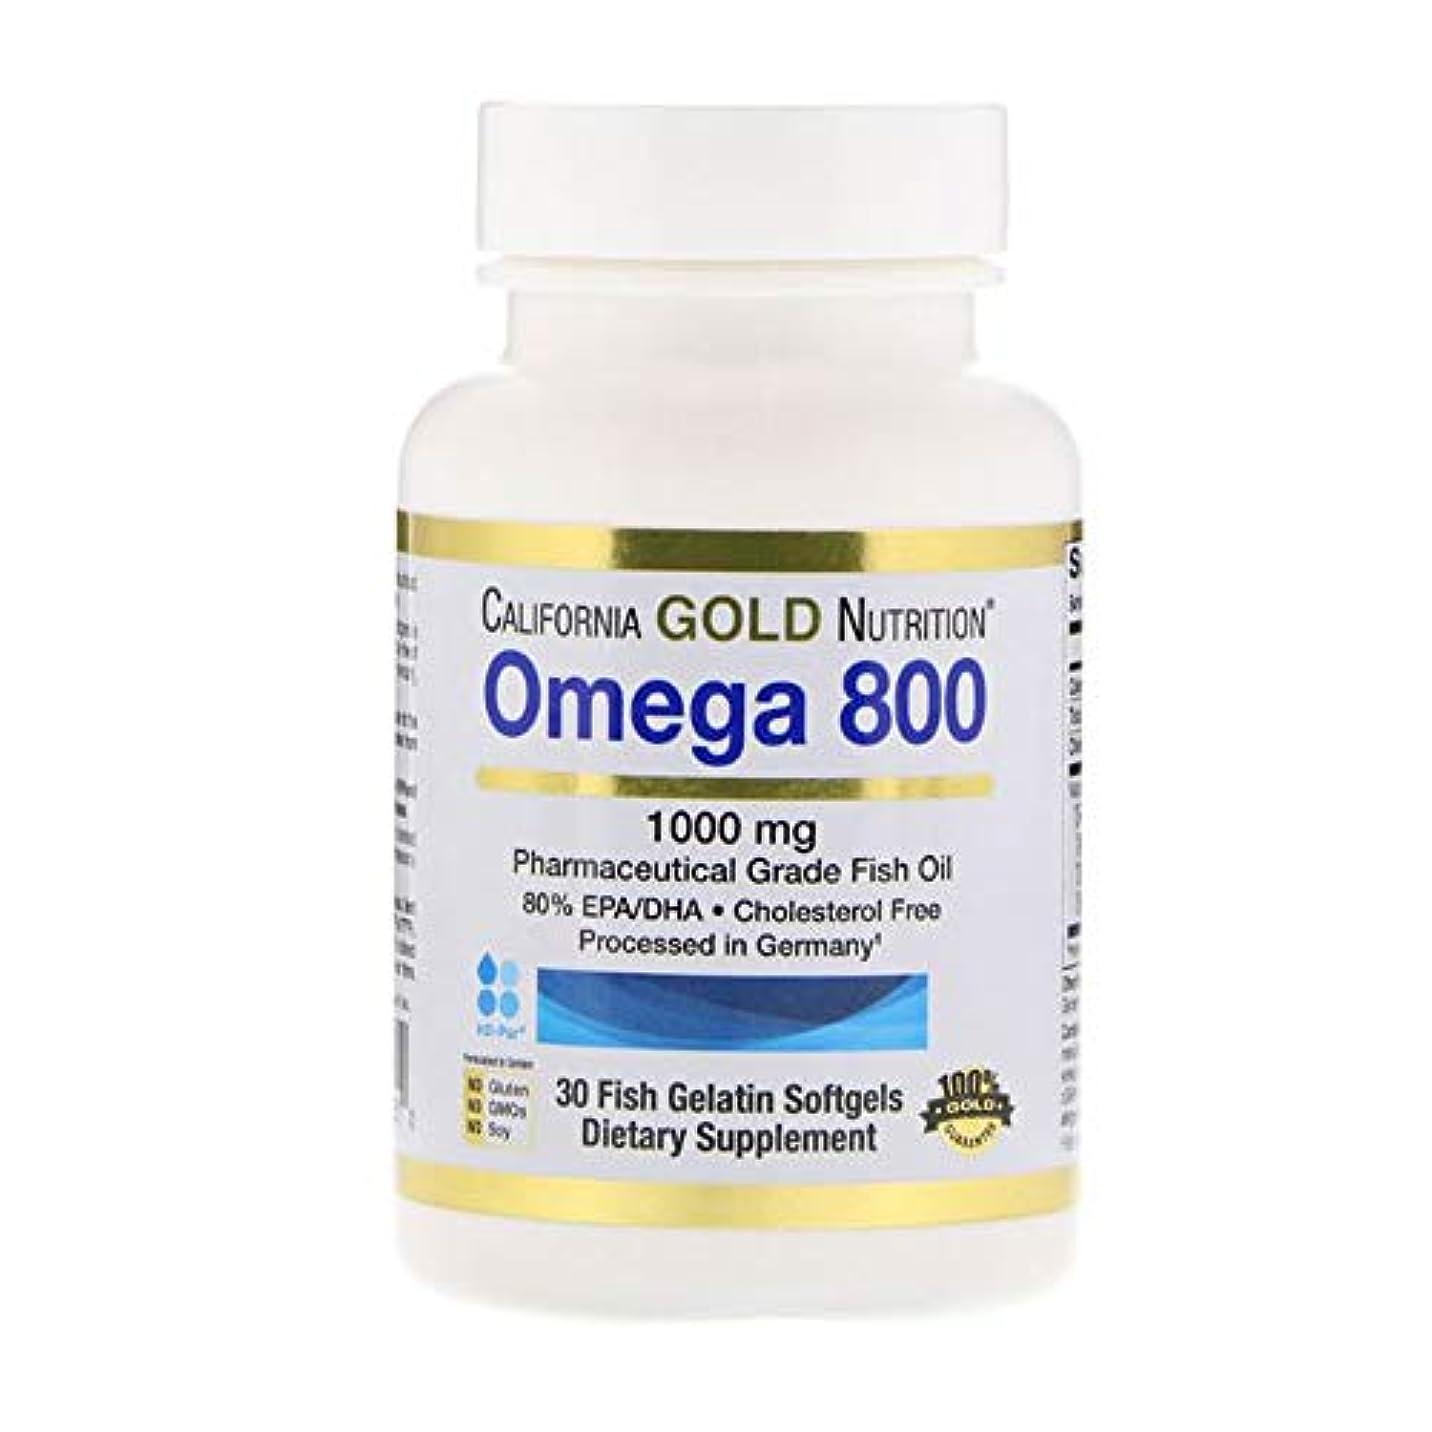 セットする模索美人California Gold Nutrition オメガ 800 80% EPA DHA 1000mg 30個 【アメリカ直送】